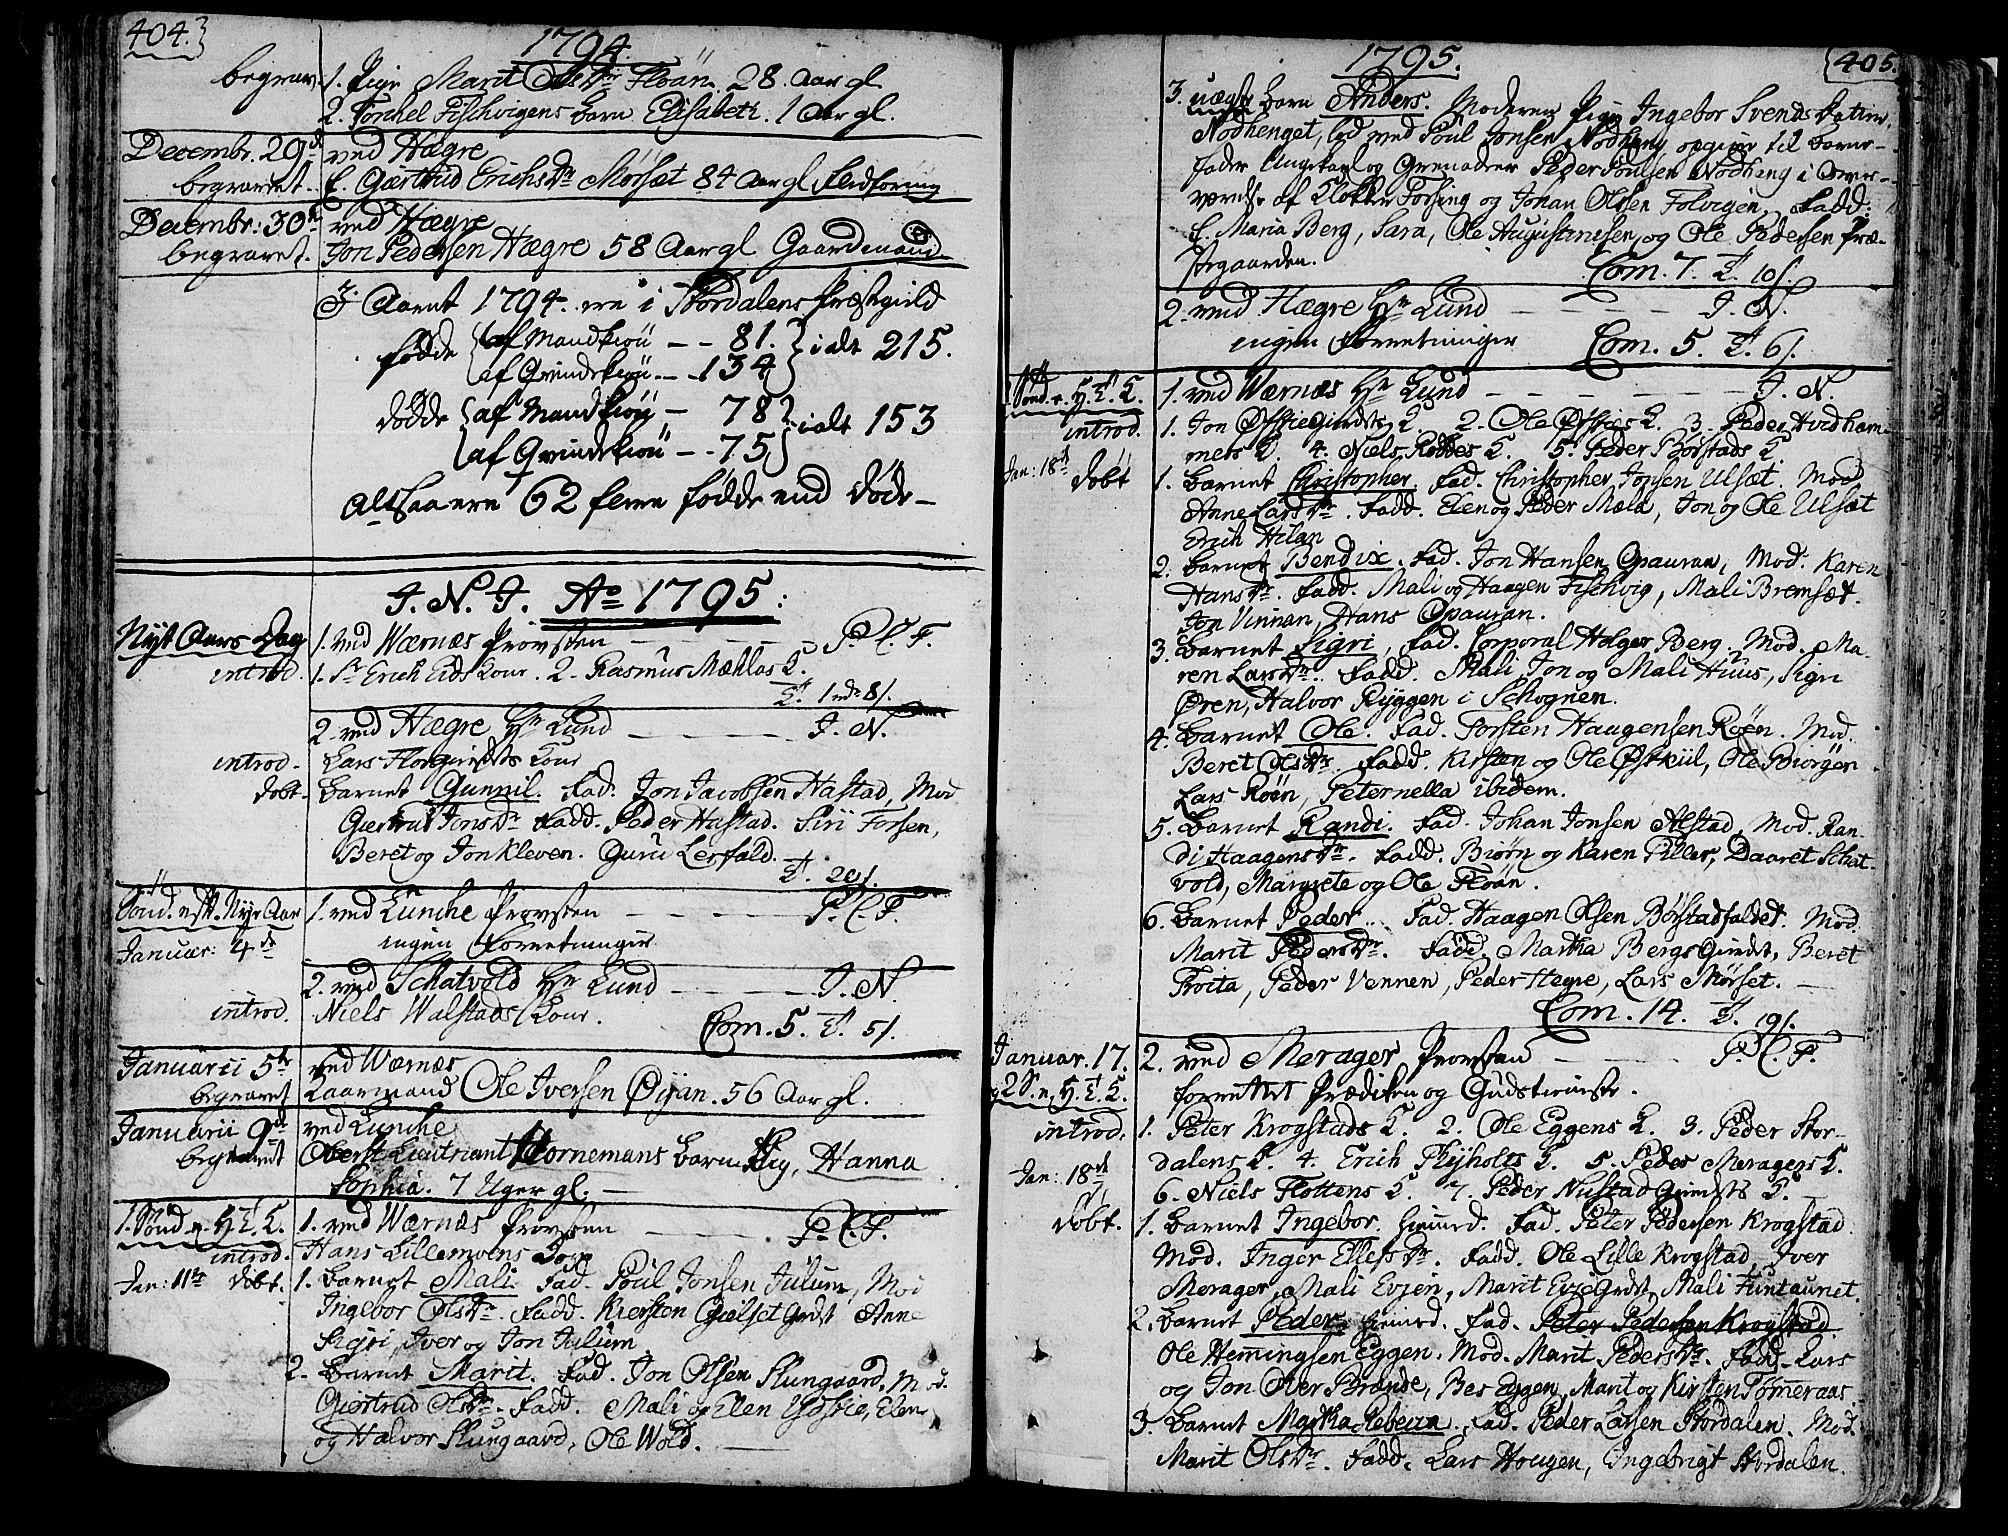 SAT, Ministerialprotokoller, klokkerbøker og fødselsregistre - Nord-Trøndelag, 709/L0059: Ministerialbok nr. 709A06, 1781-1797, s. 404-405